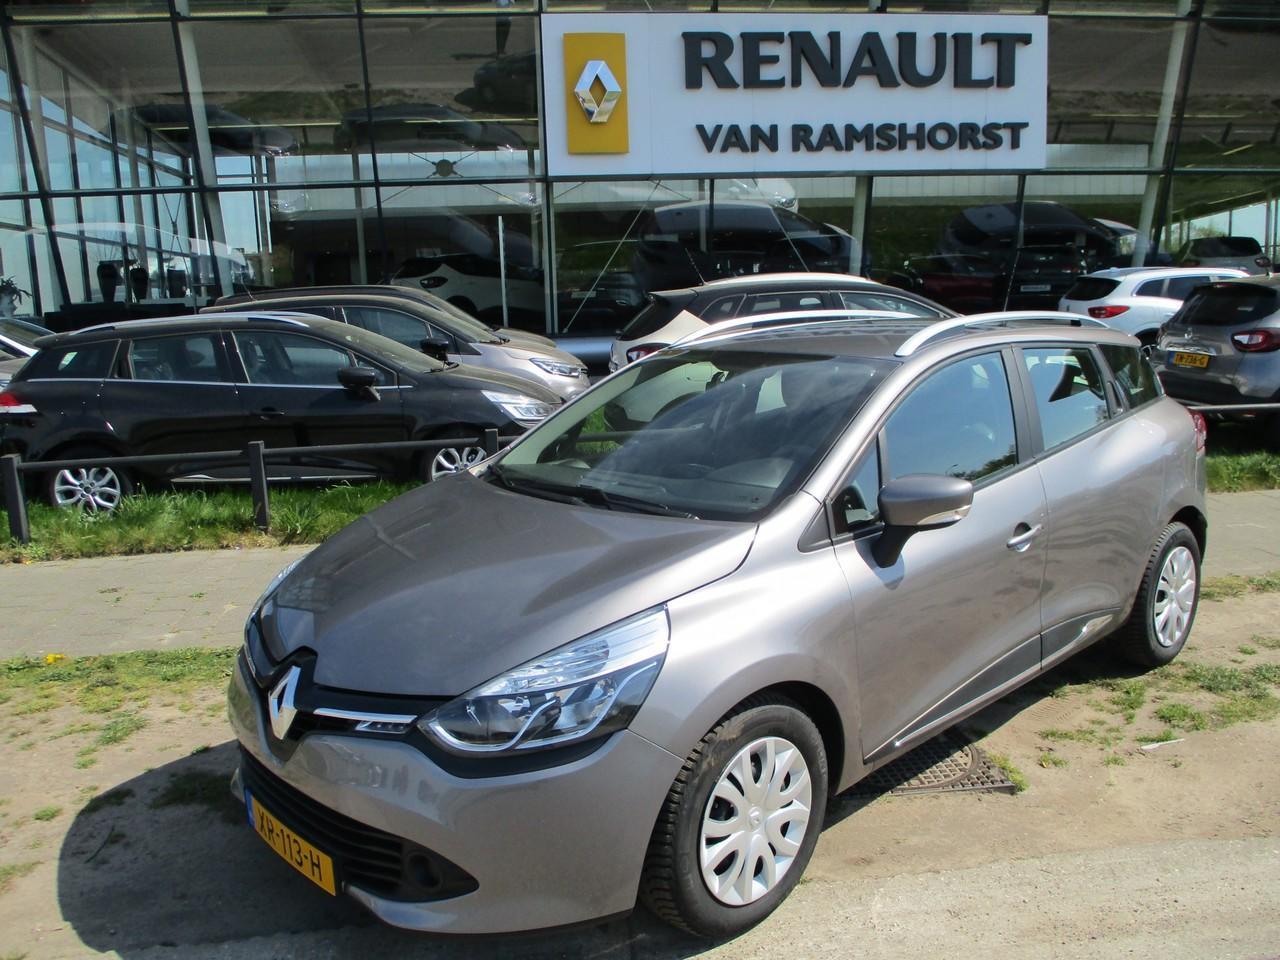 Renault Clio Estate 1.5 dci 90pk eco expression airco medianav 2e paasdag open 10.00 - 17.00 uur